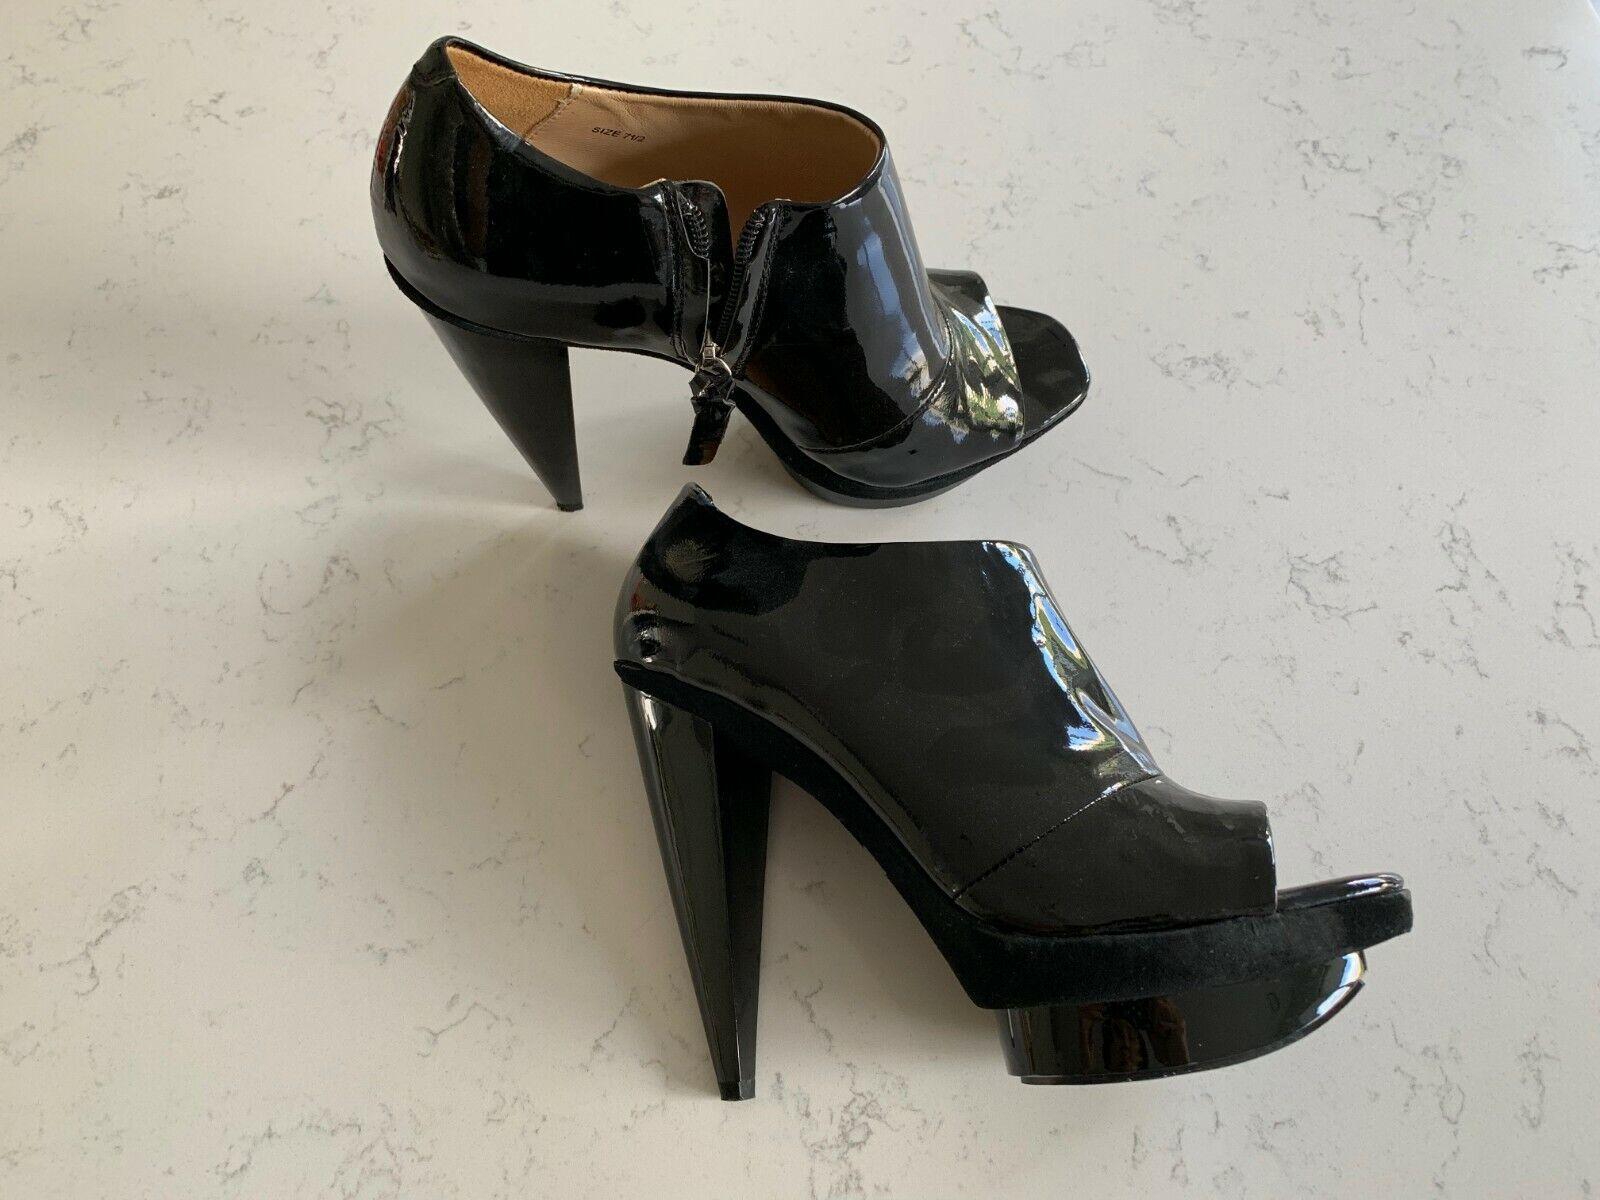 Nouveau Pour La Victoire Noir Cuir verni talons hauts à plate-forme Escarpins Taille  7.5